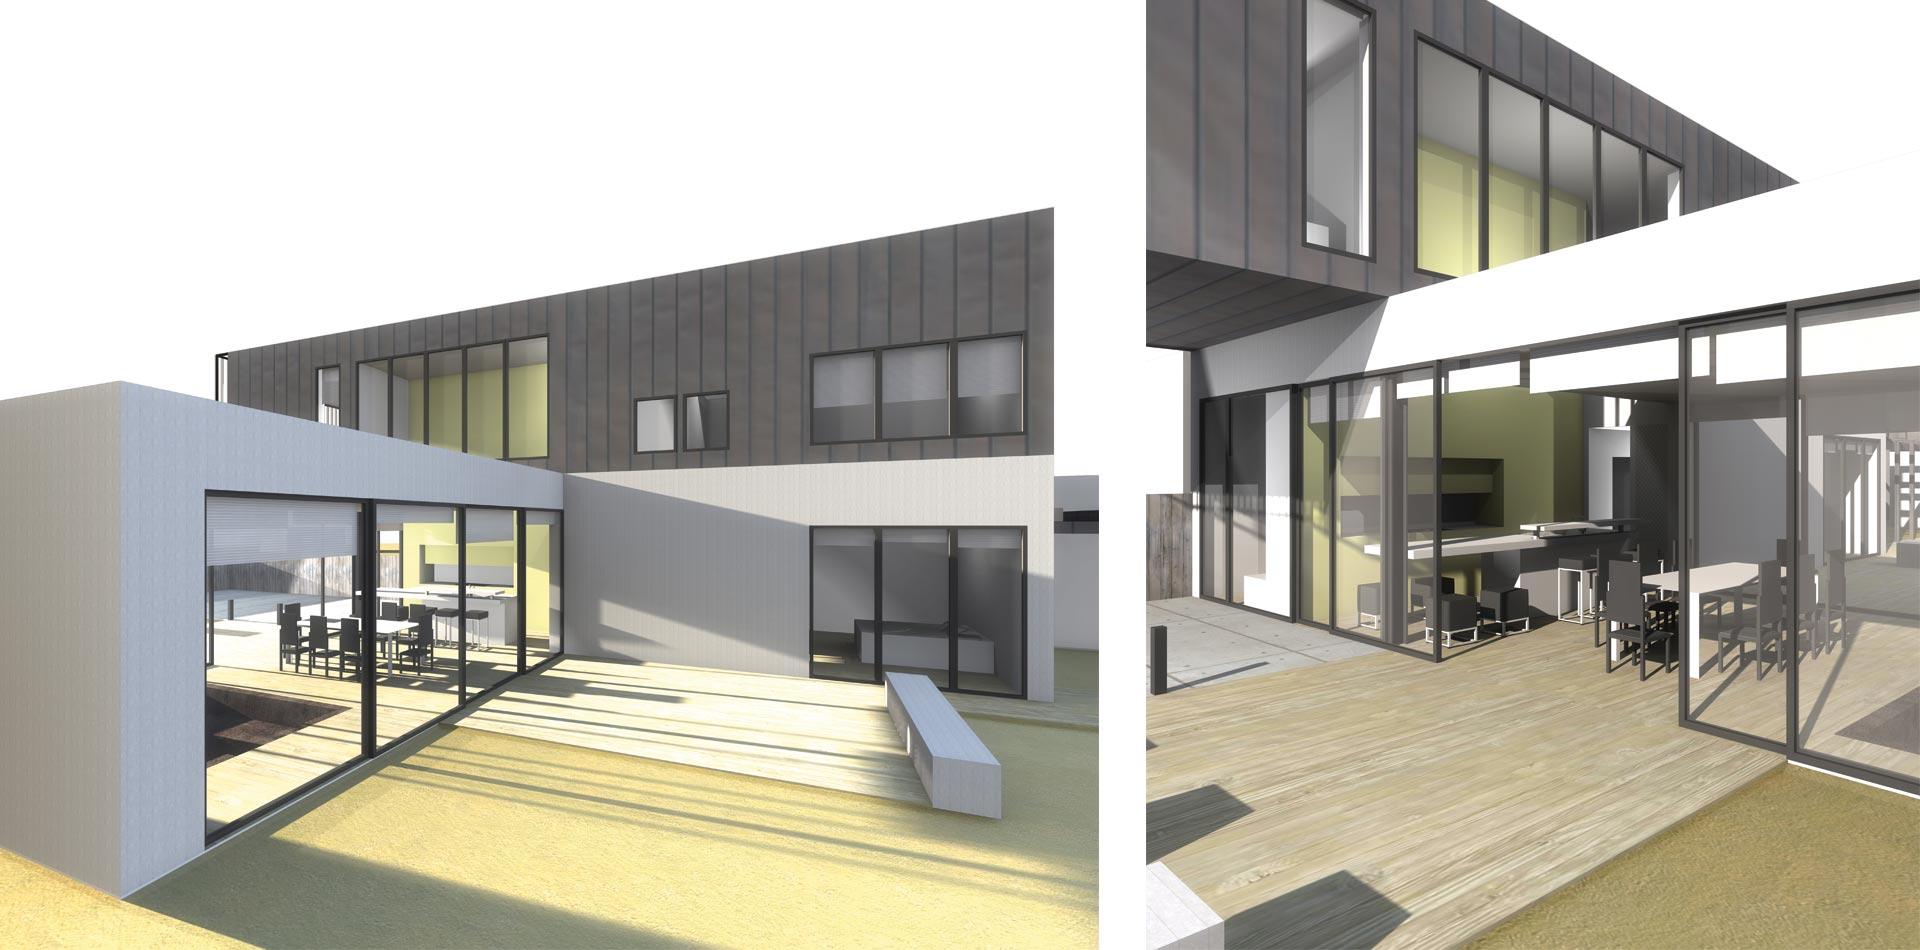 Maison basse consomation maison architecte bois 4 dtails for Maison basse moderne